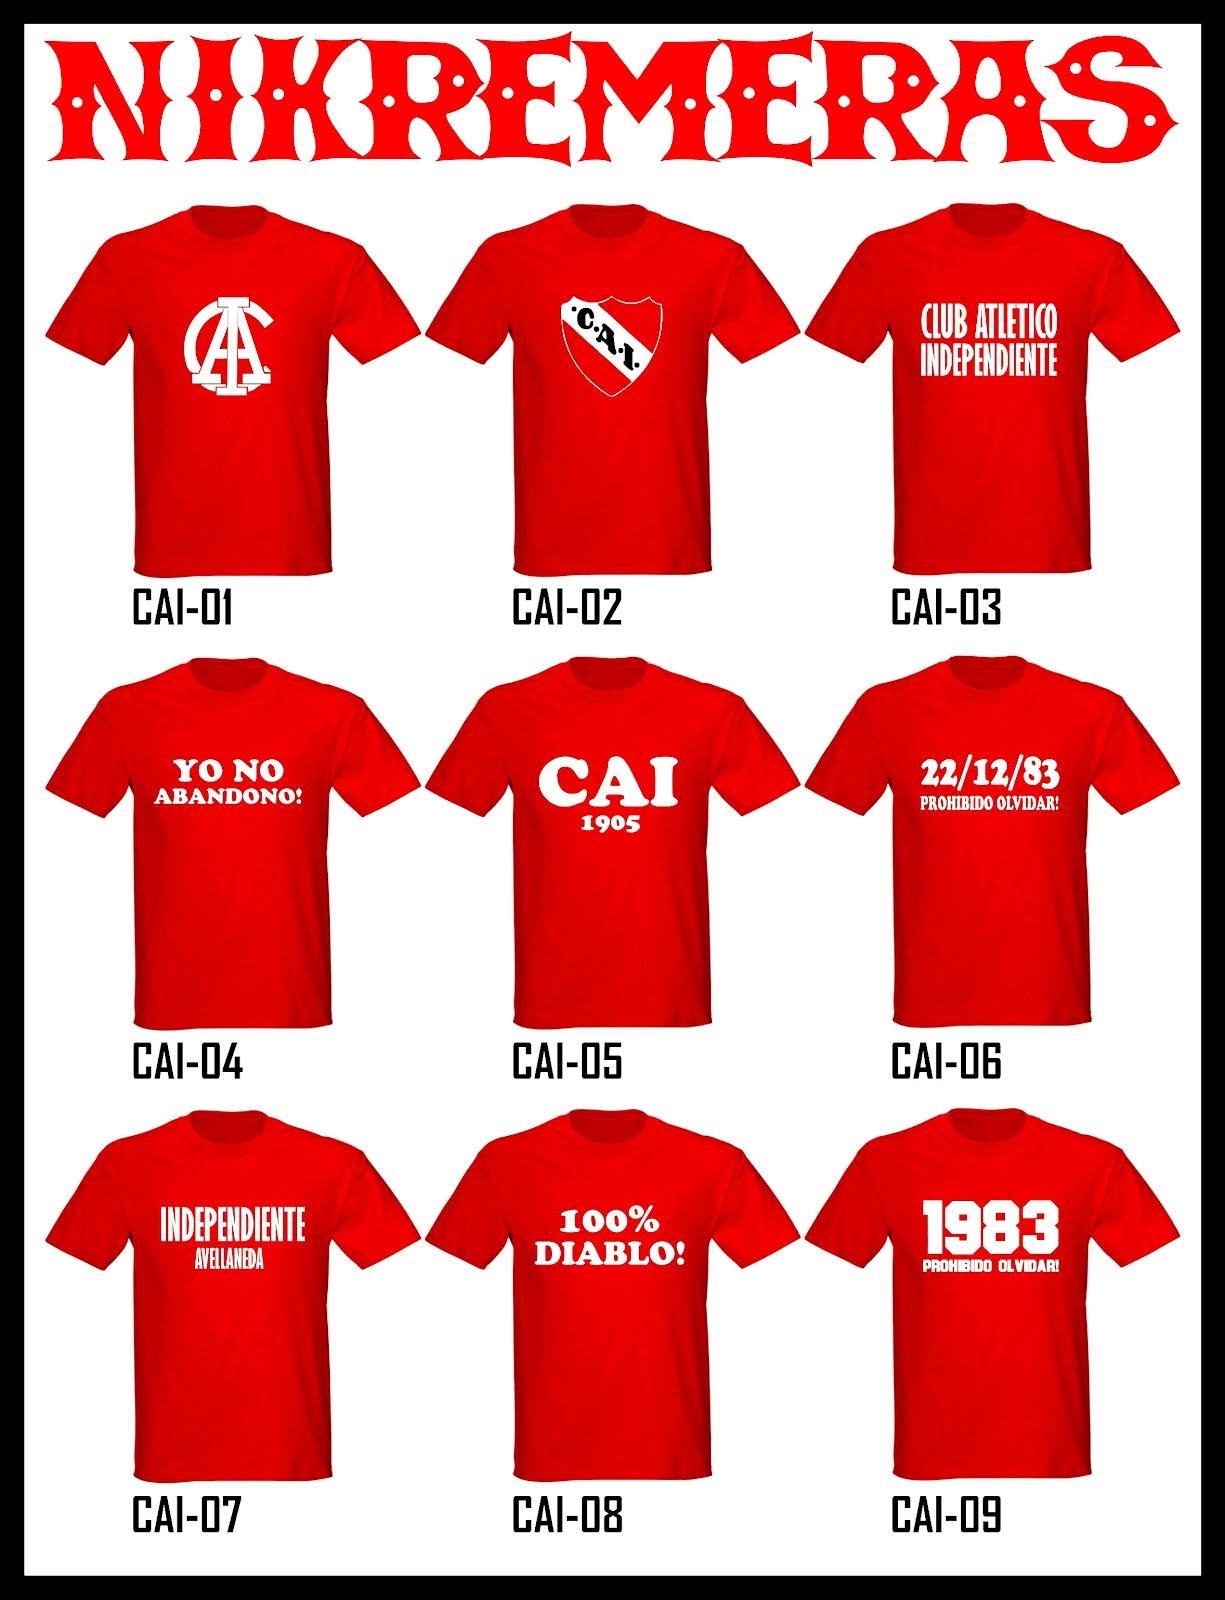 Las camisetas de la nueva temporada 2015 2015 - Imagenes De Remeras De Futbol